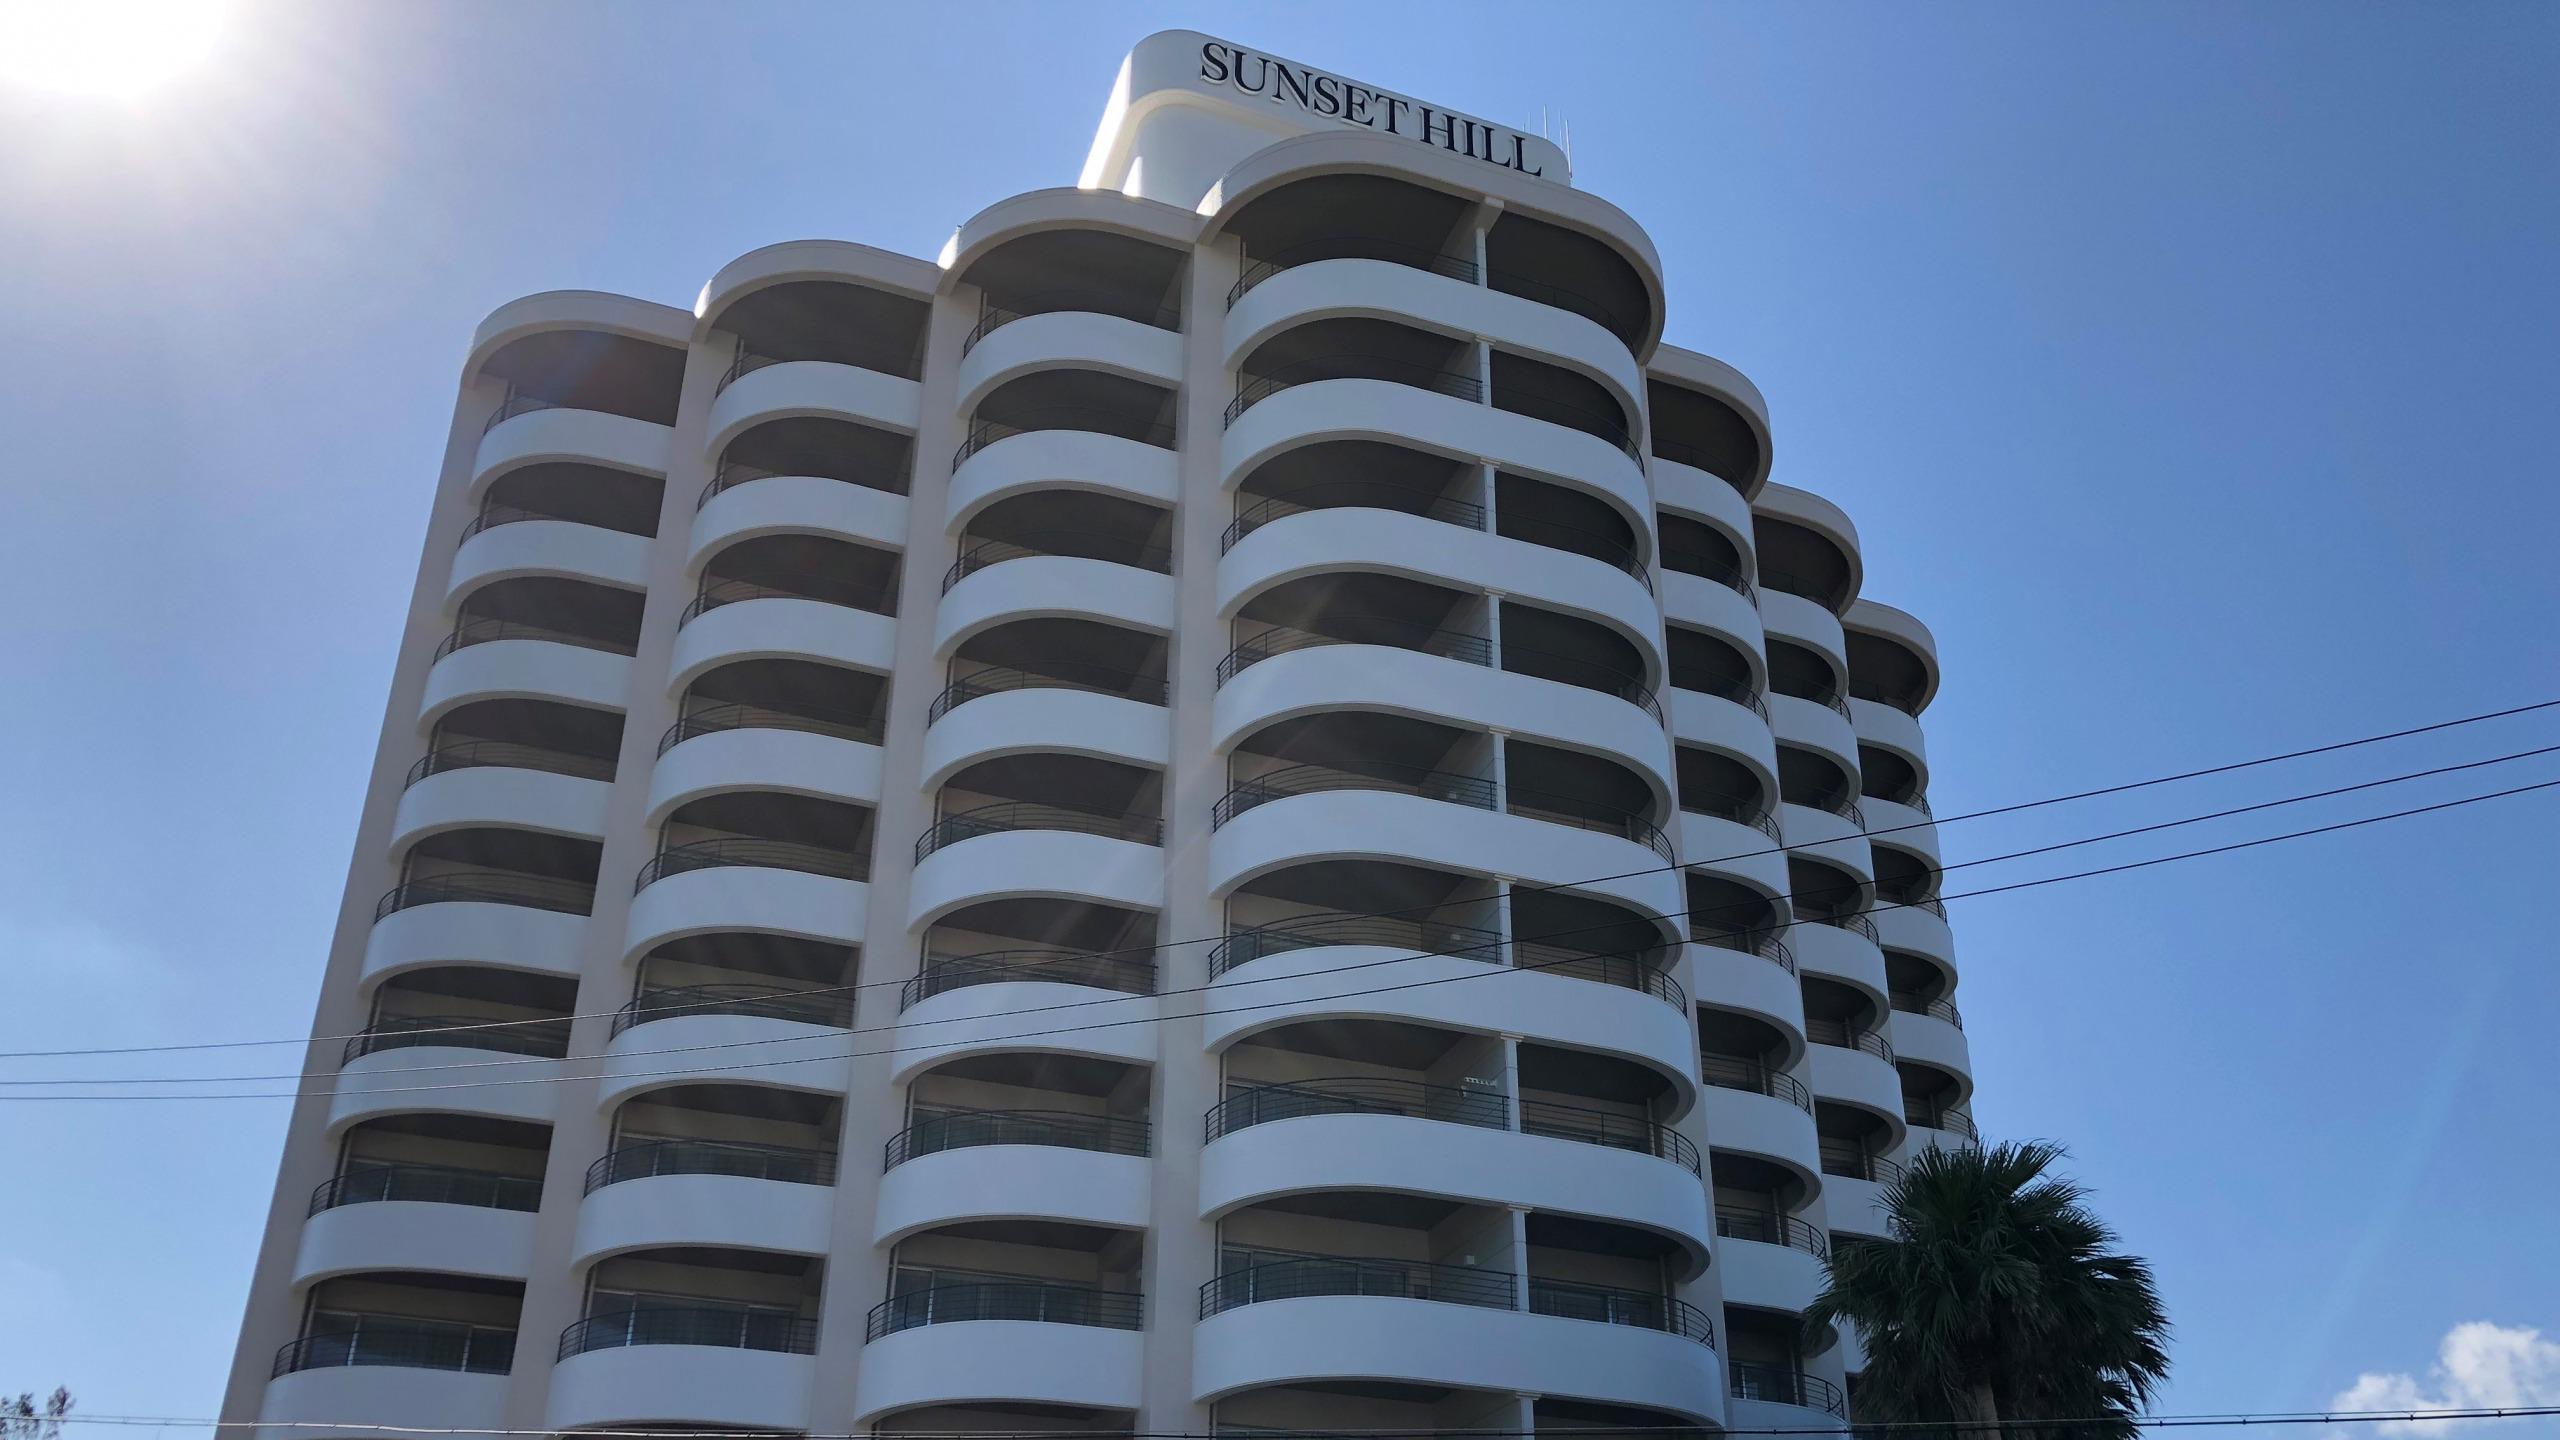 ホテルサンセットヒル image